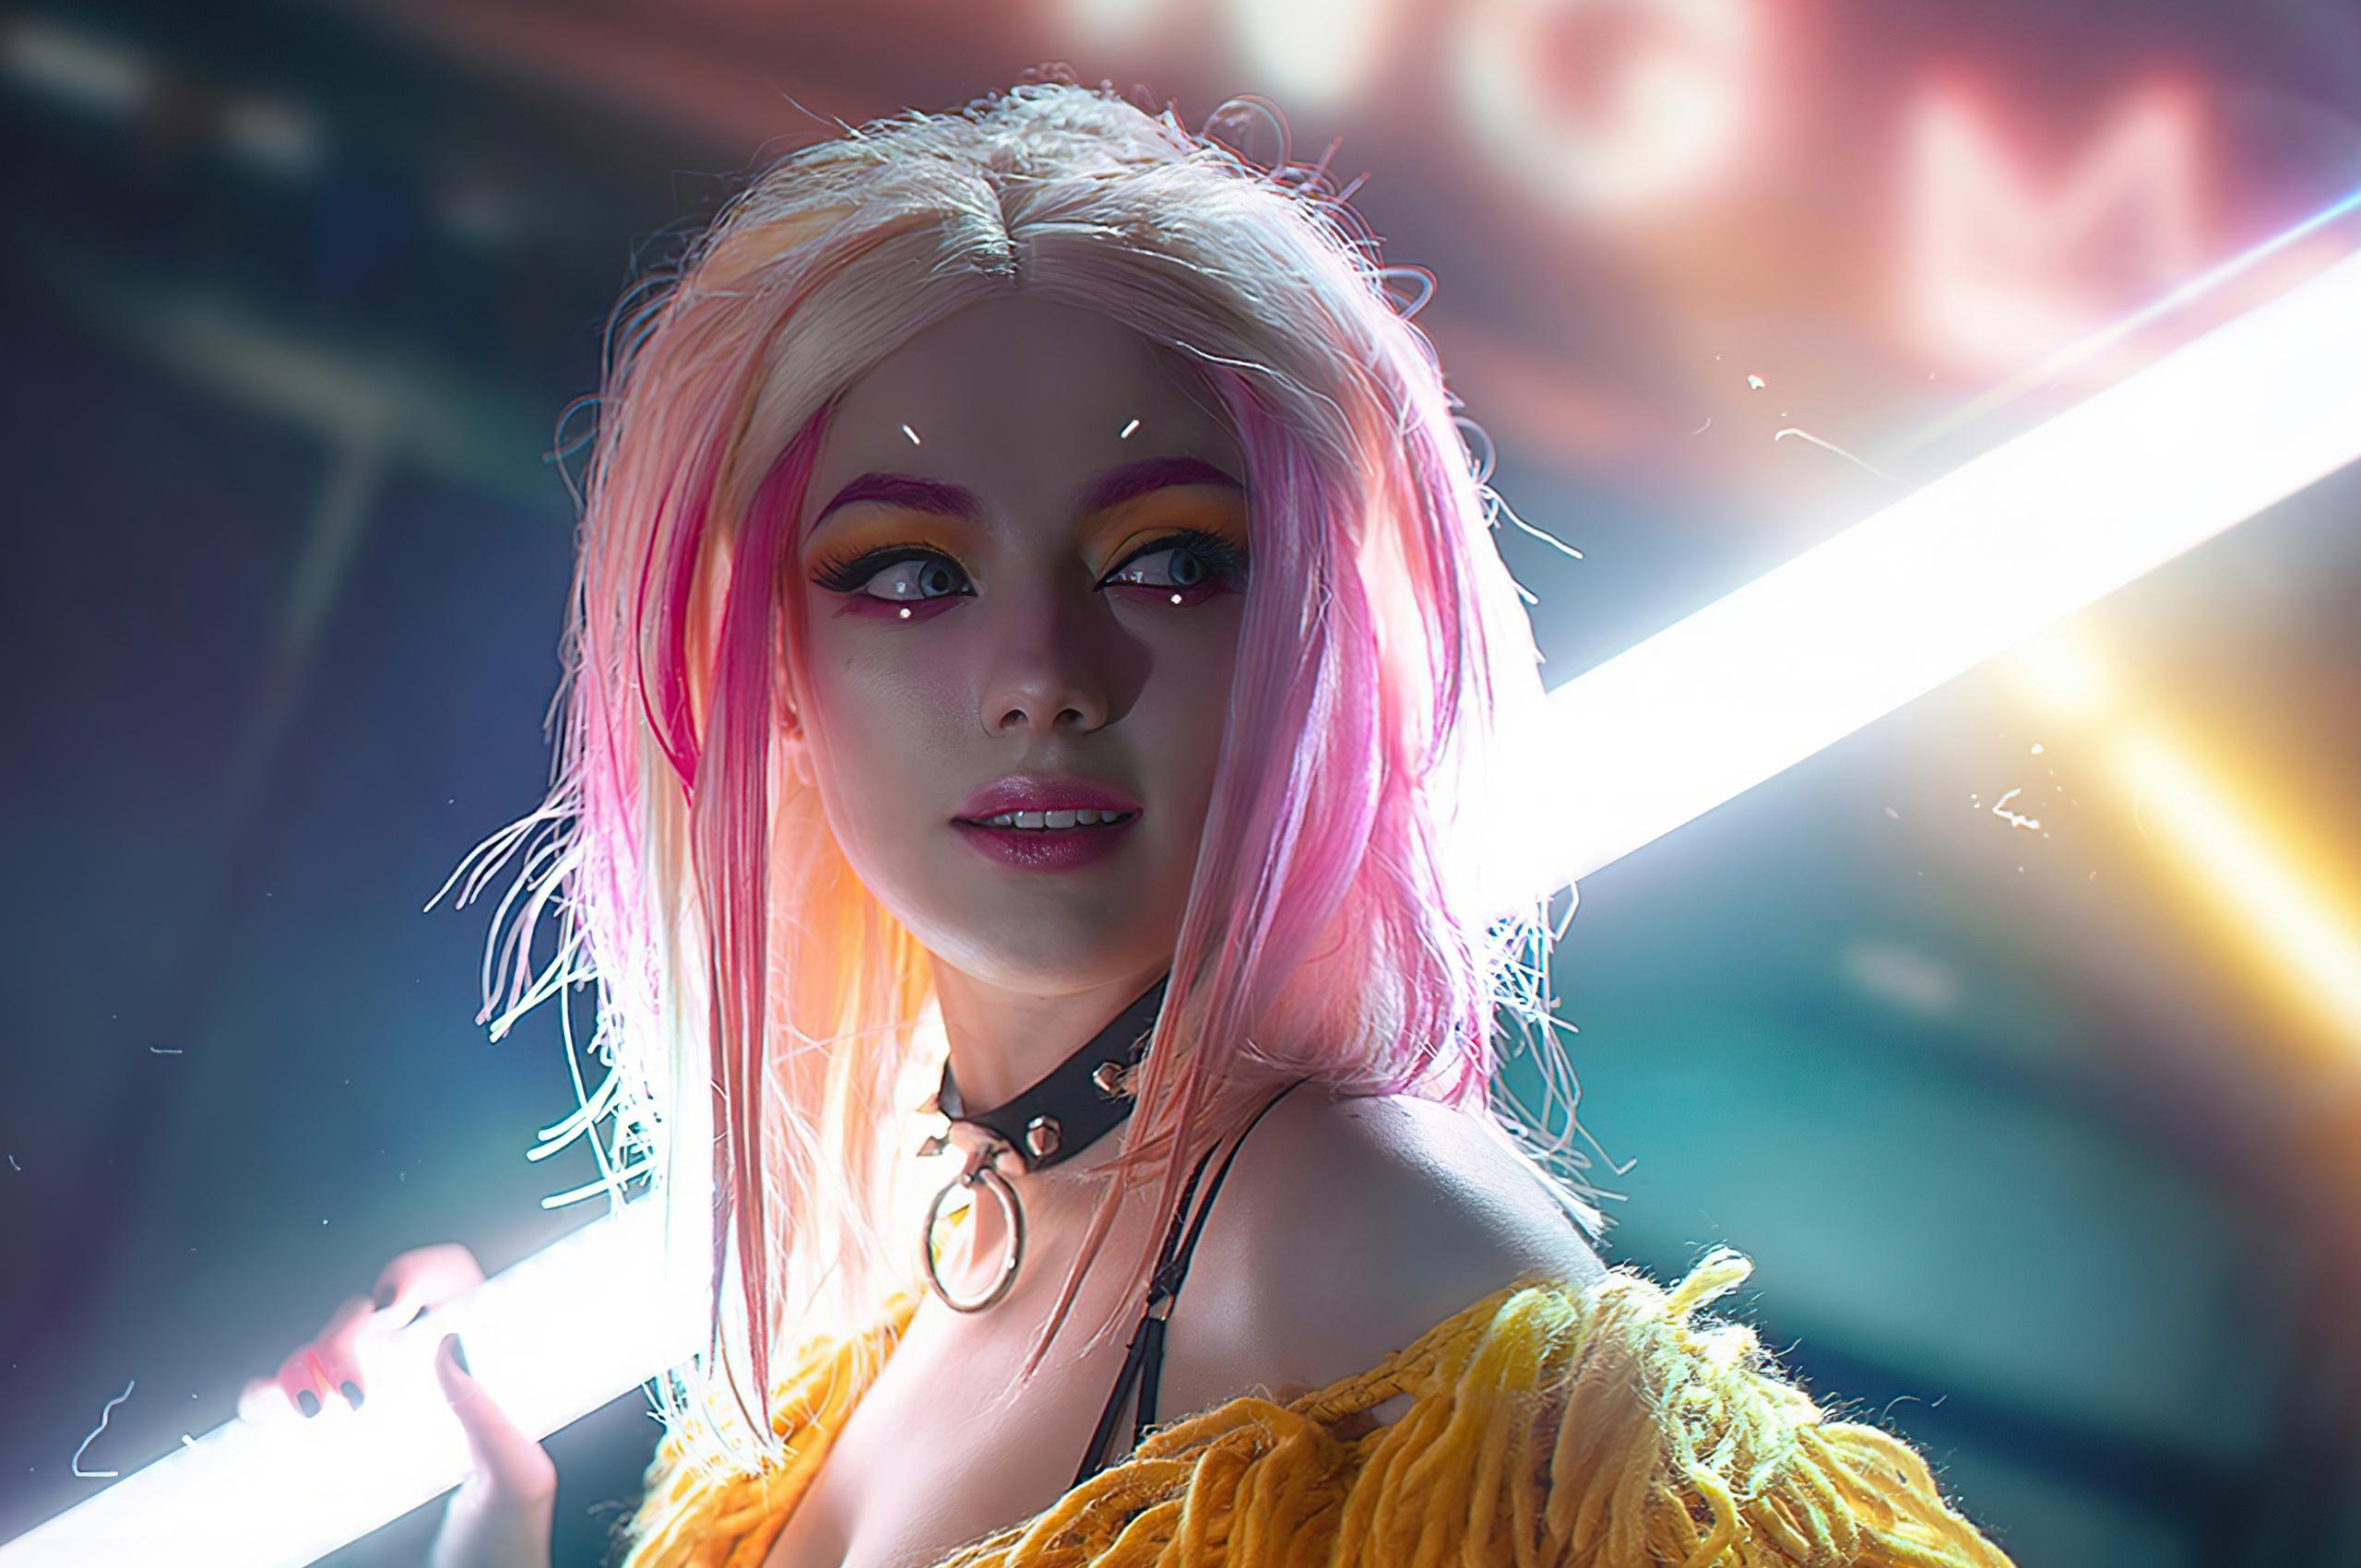 the-cyberpunk-girl-cosplay-4k-9f.jpg